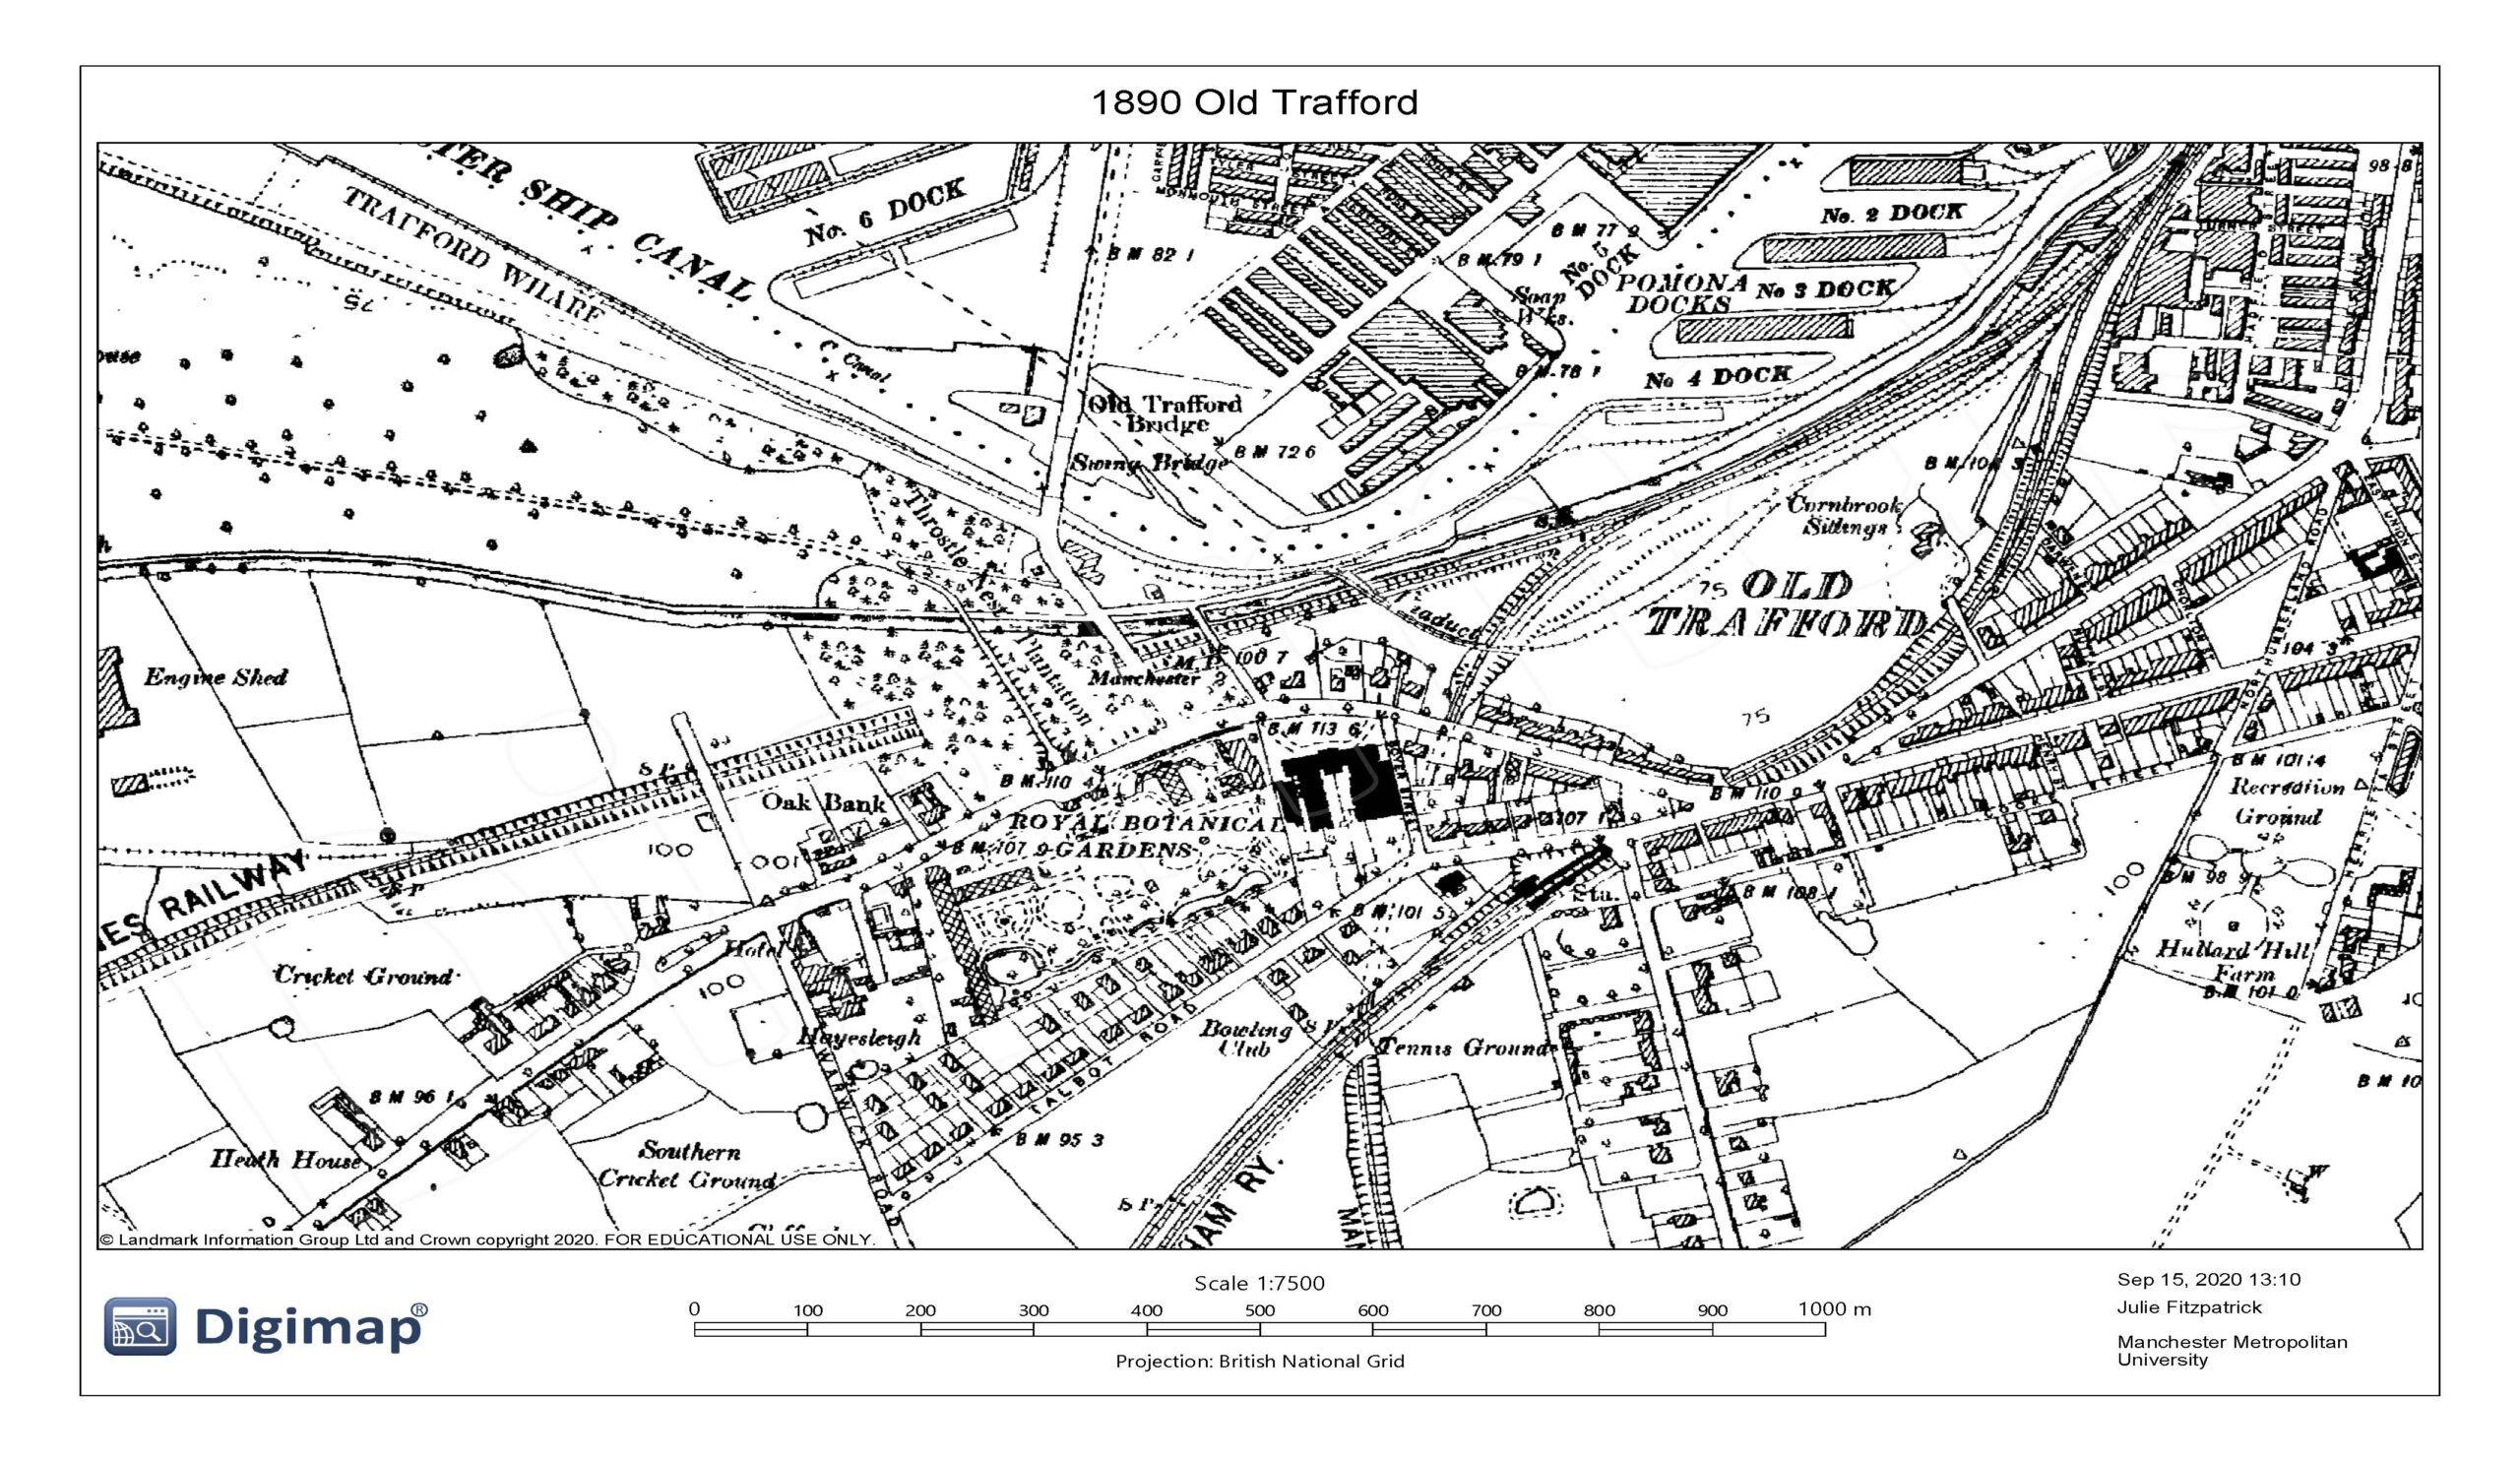 1890 Old Trafford